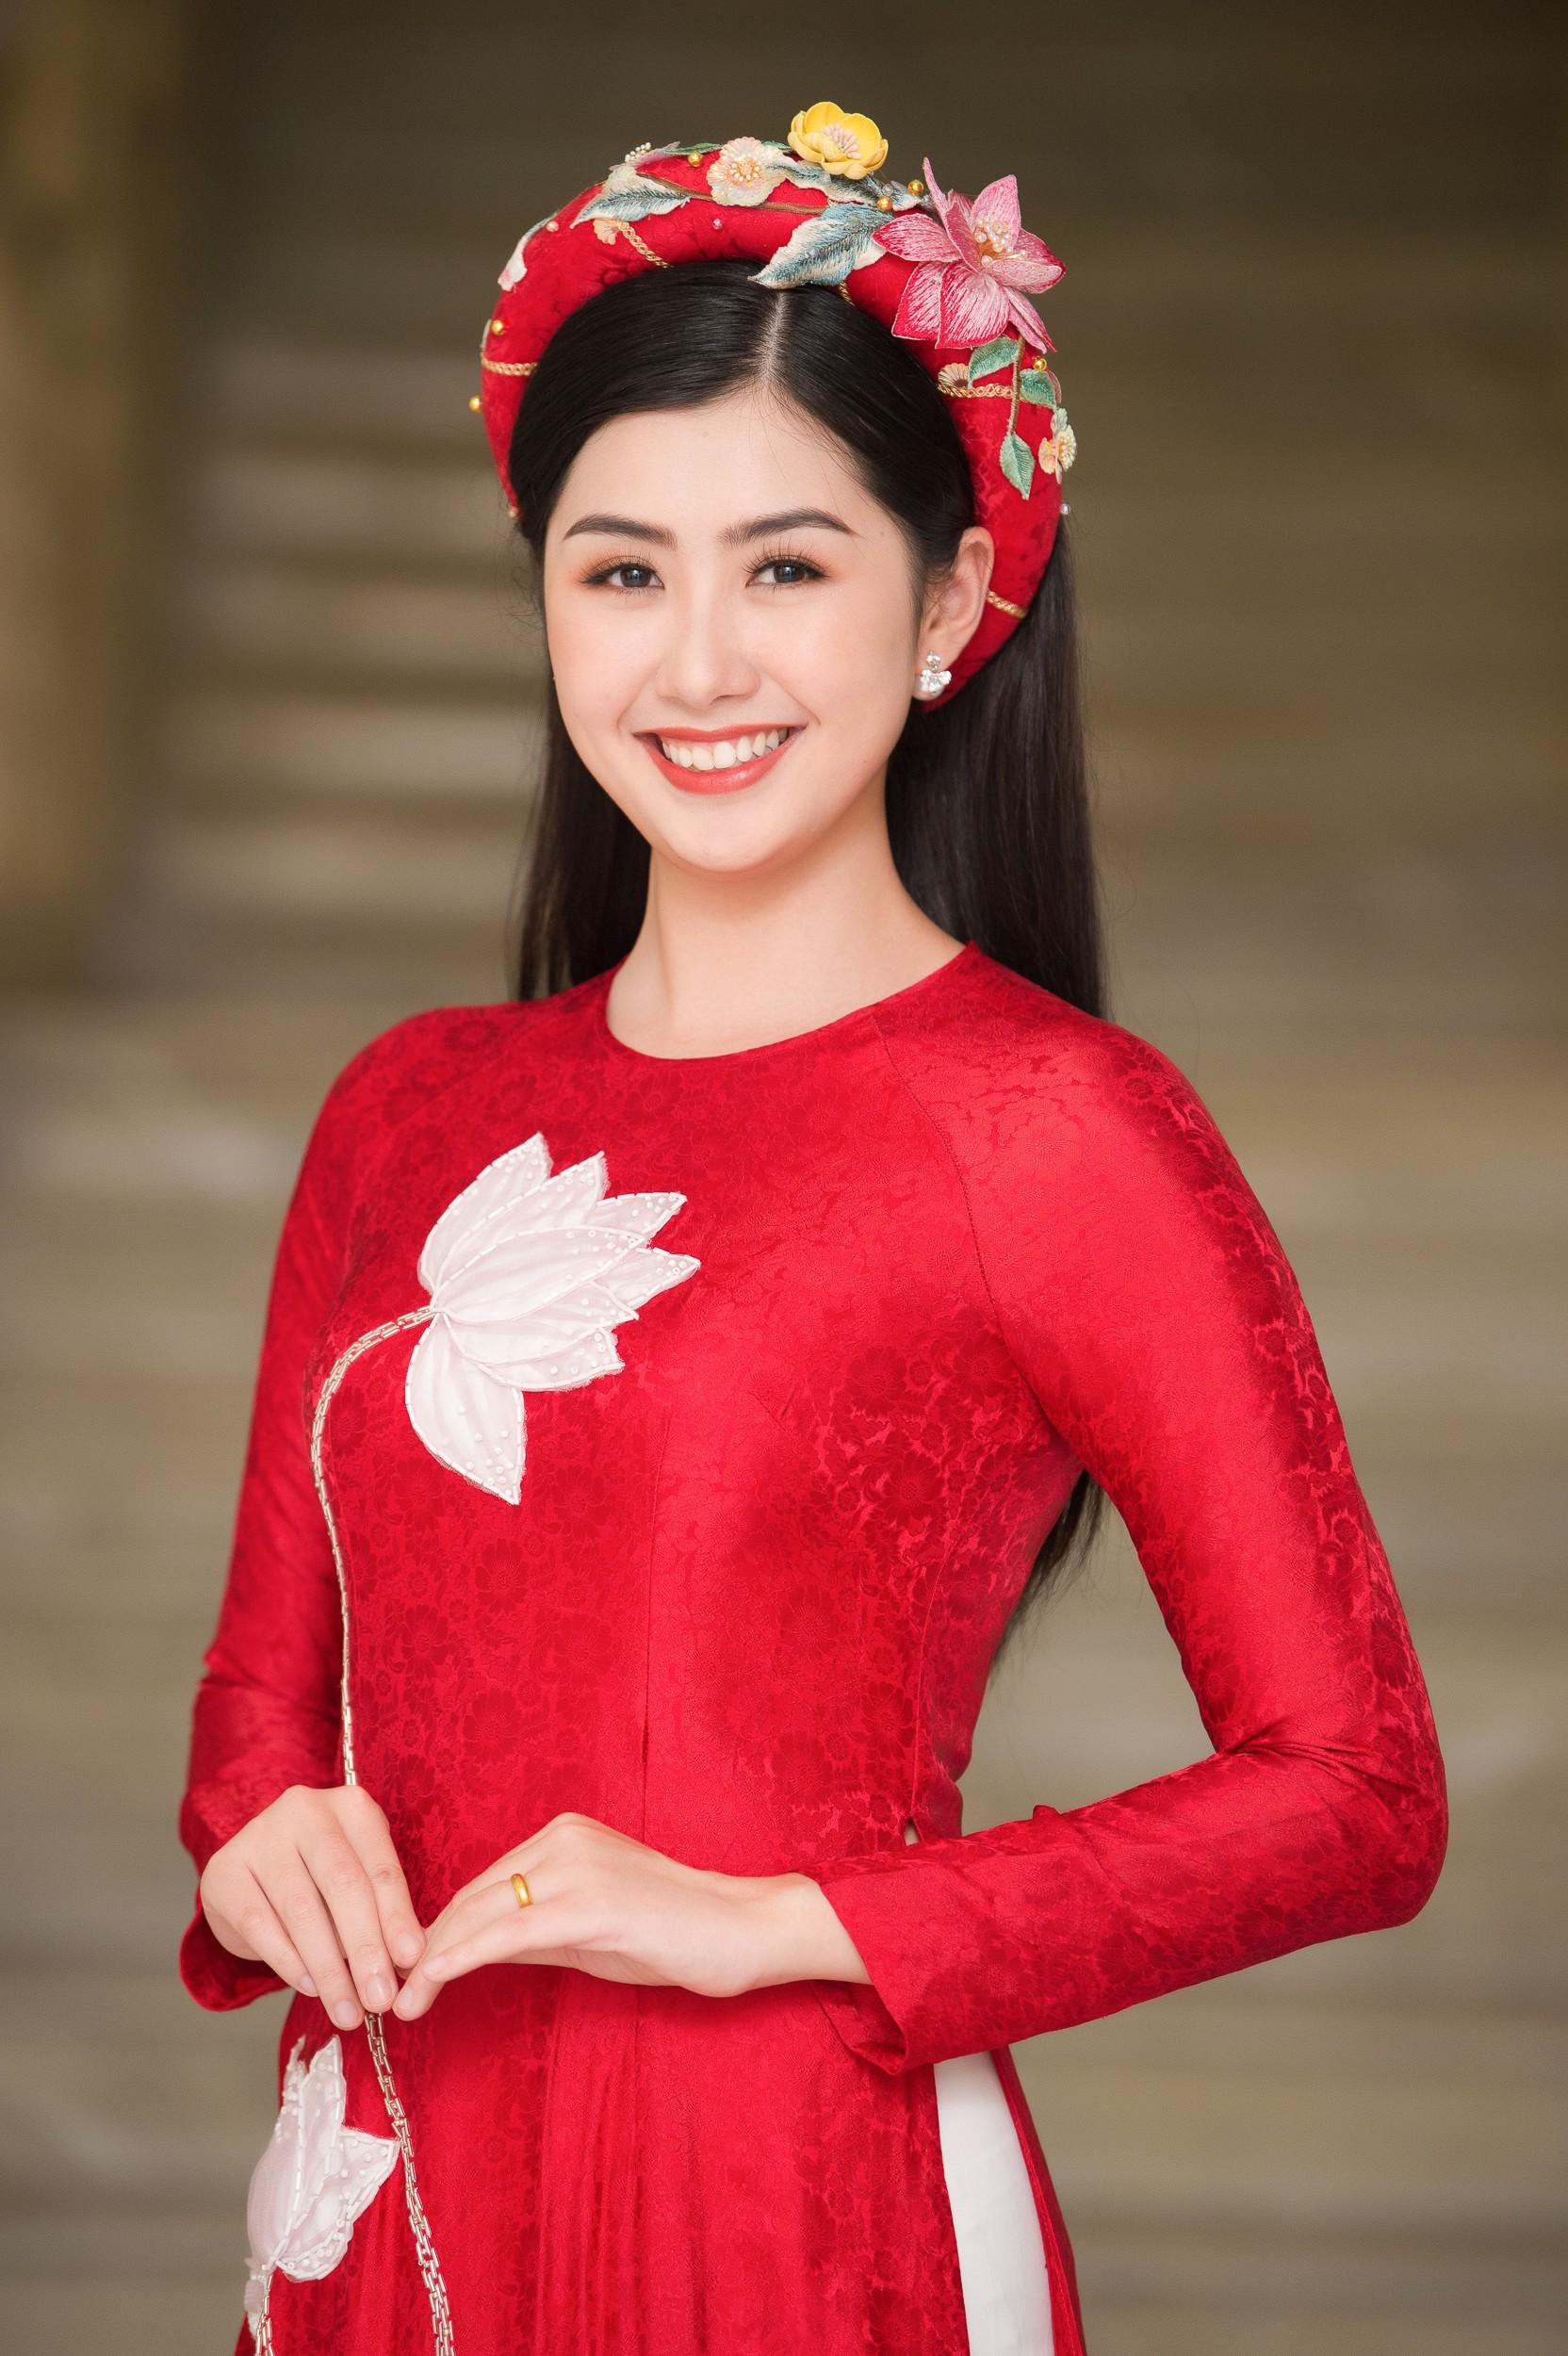 Phương Nga diện áo dài nền nã, thân thiết khi đụng độ bạn gái màn ảnh của Bình An - Ảnh 9.